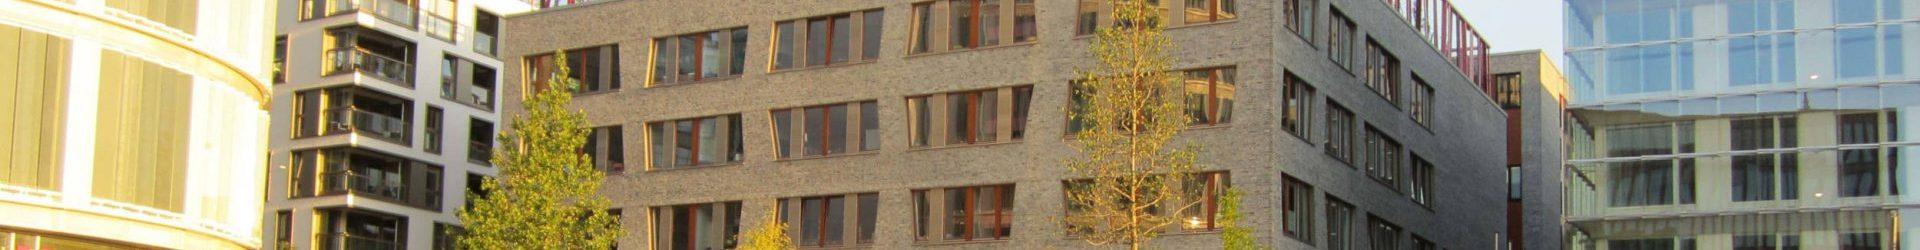 Katharinenschule in der Hafencity